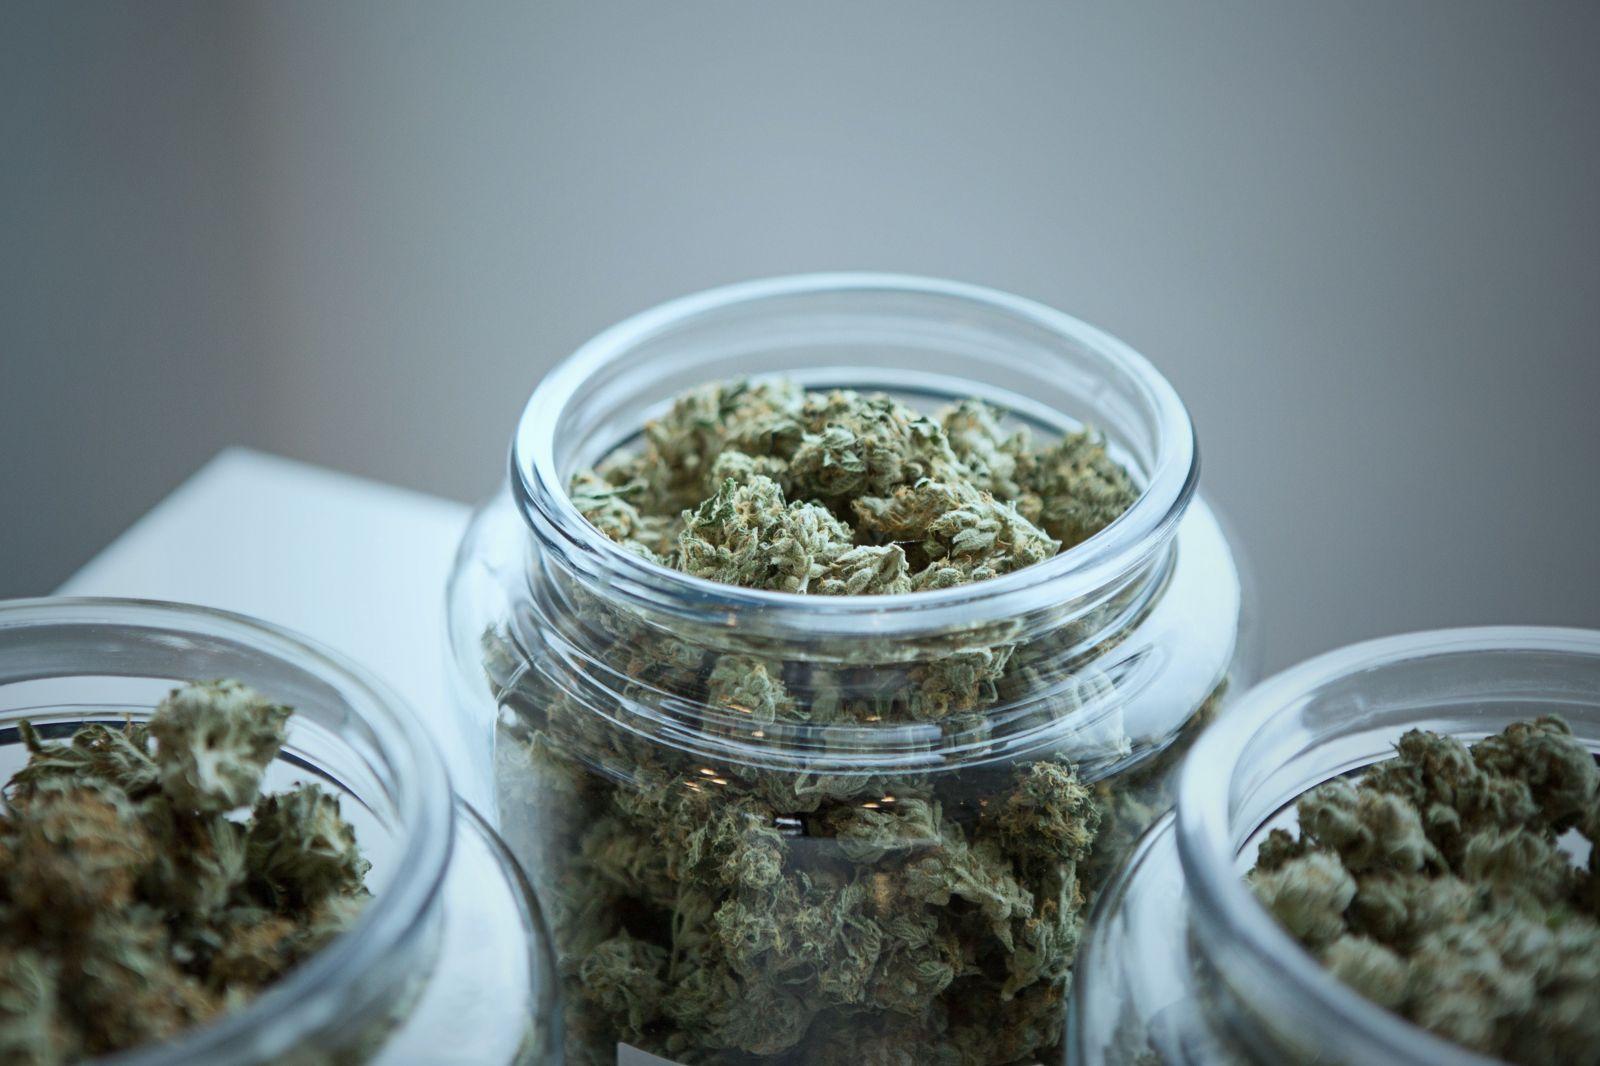 Marihuana môže nahradiť lieky proti bolesti. Štúdia tvrdí, že je efektívnejšia než tieto lieky